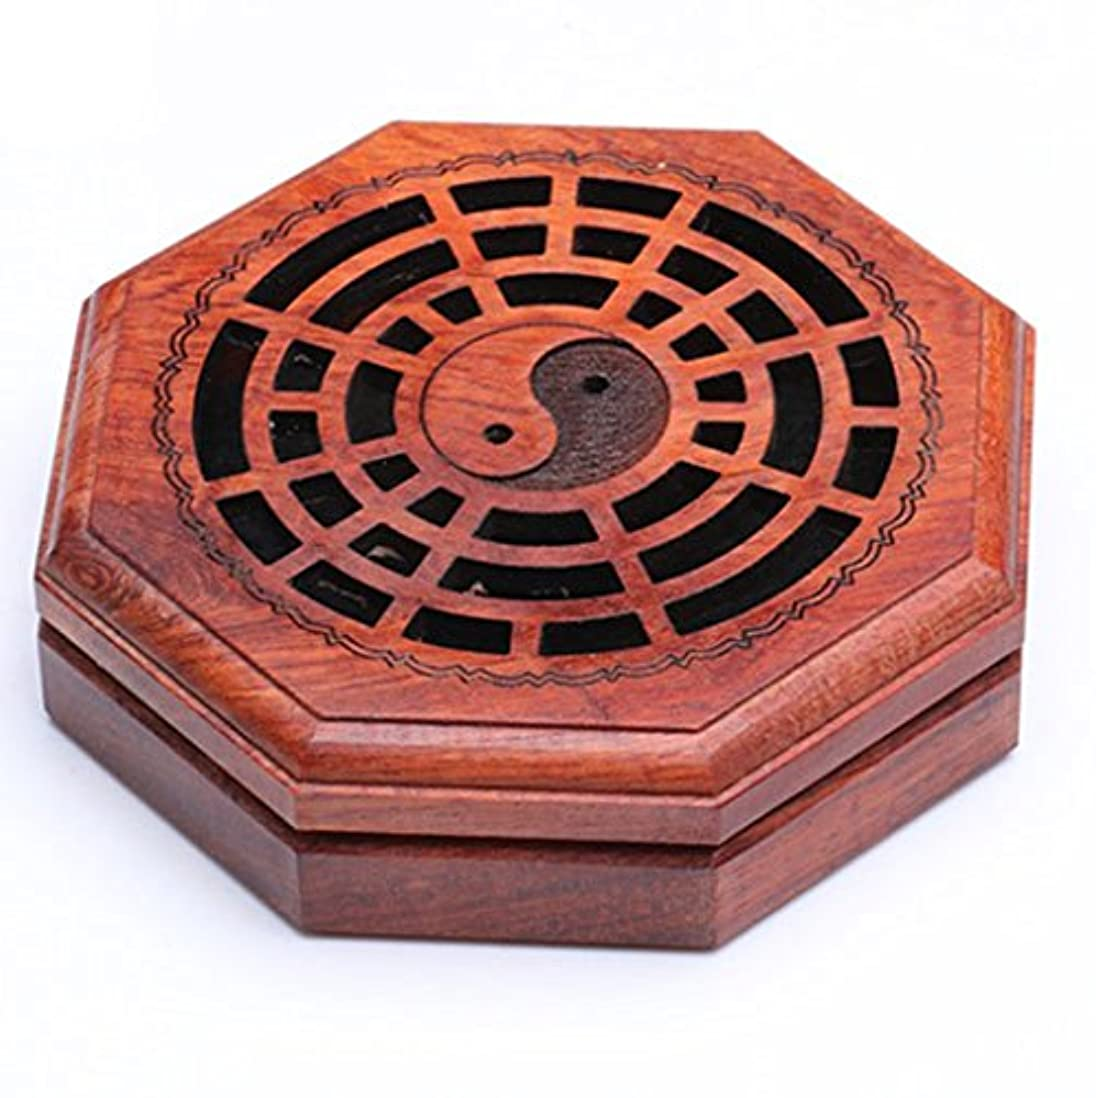 行政田舎適切に(ラシューバー) Lasuiveur 香炉 線香立て 香立て 職人さんの手作り 茶道用品 おしゃれ  木製 透かし彫り